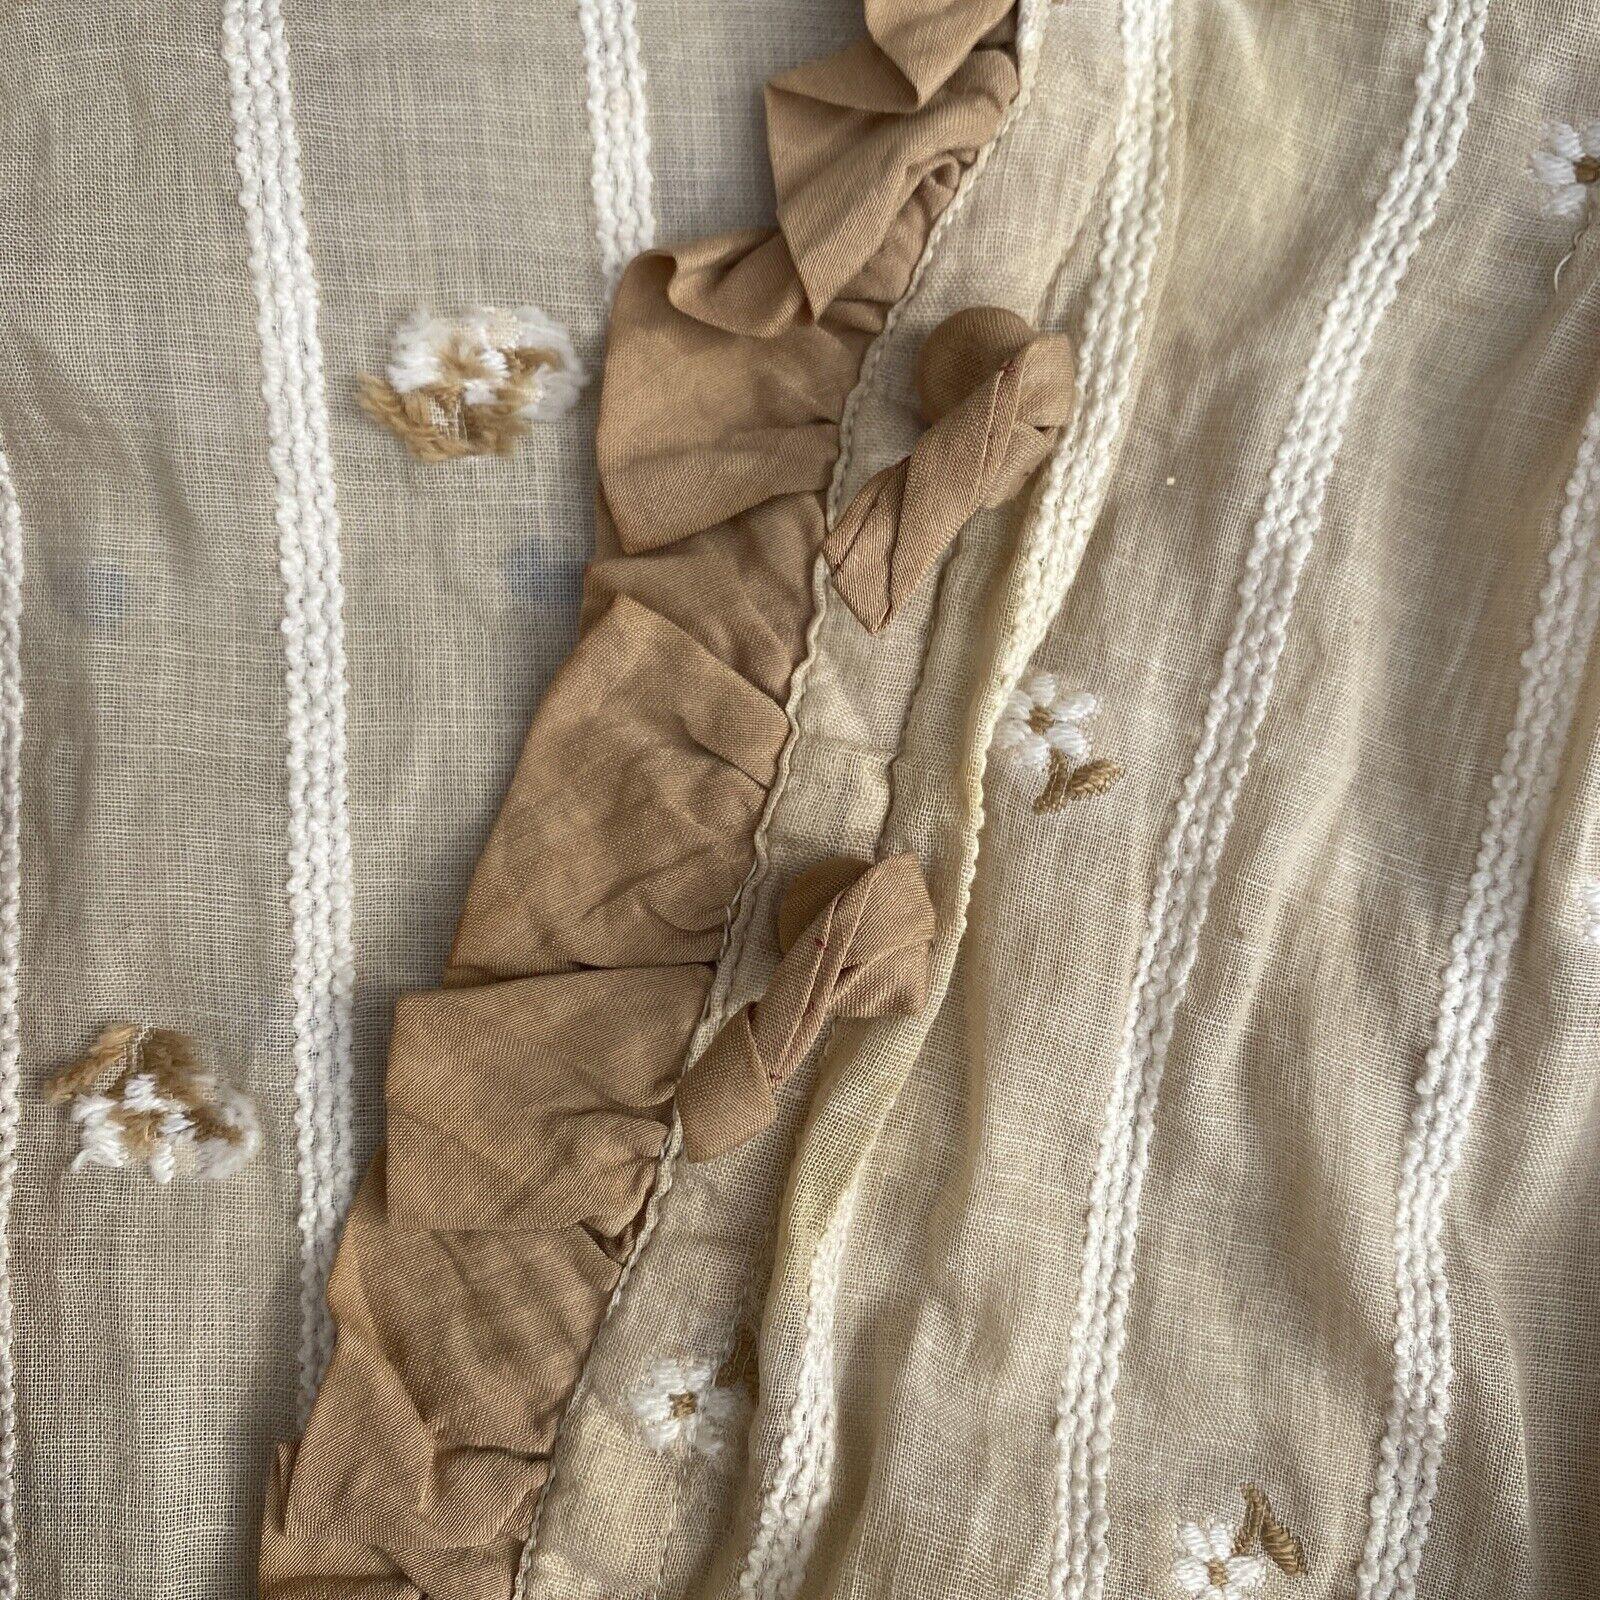 Antique Edwardian Ecru Cotton Blouse Top Embroide… - image 5